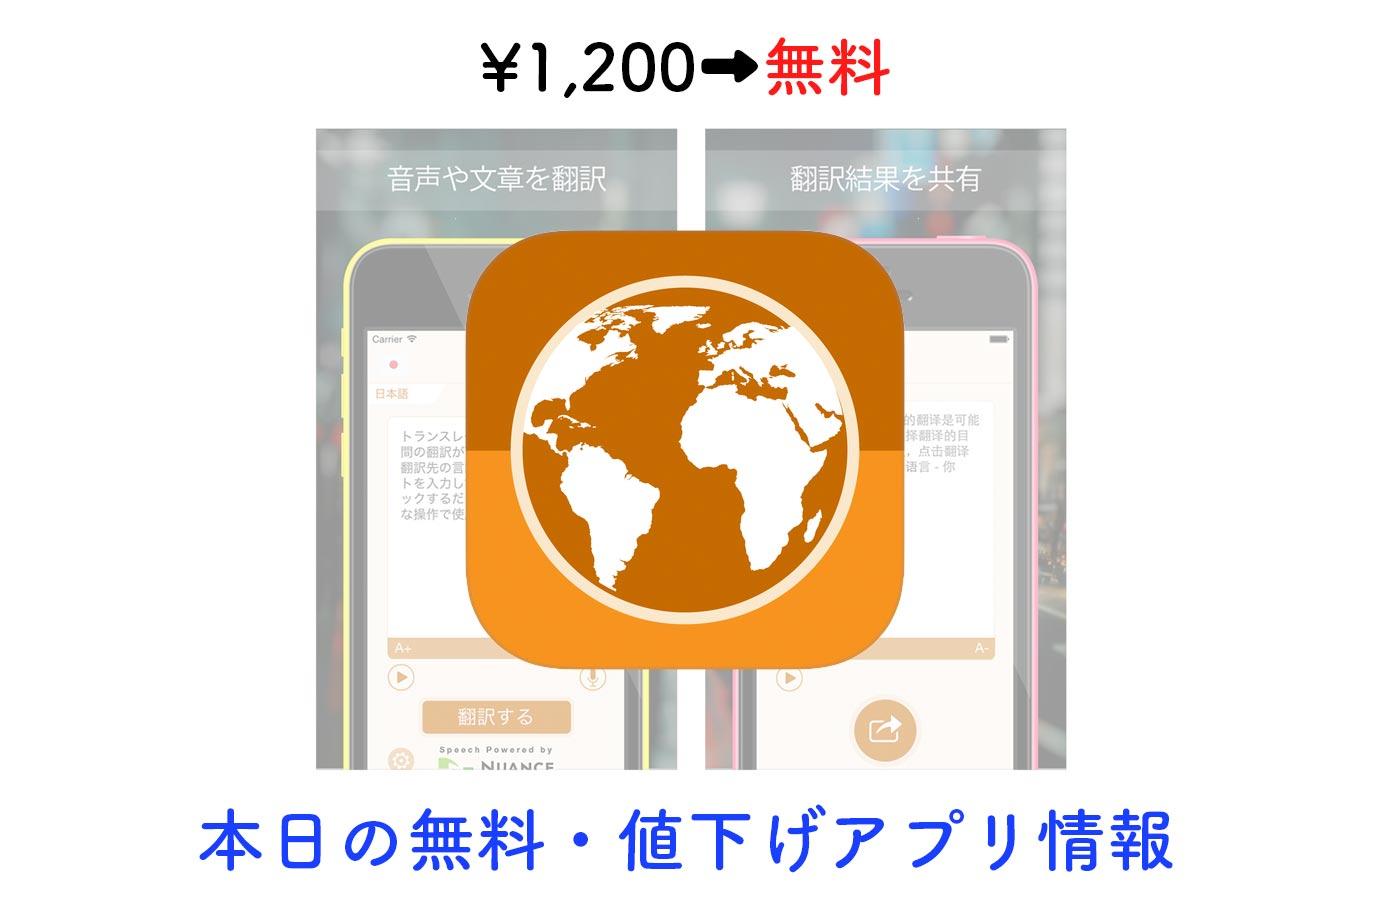 ¥1,200→無料、音声を認識して翻訳できるアプリ「トランスレーター !!」など【10/5】本日の無料・値下げアプリ情報